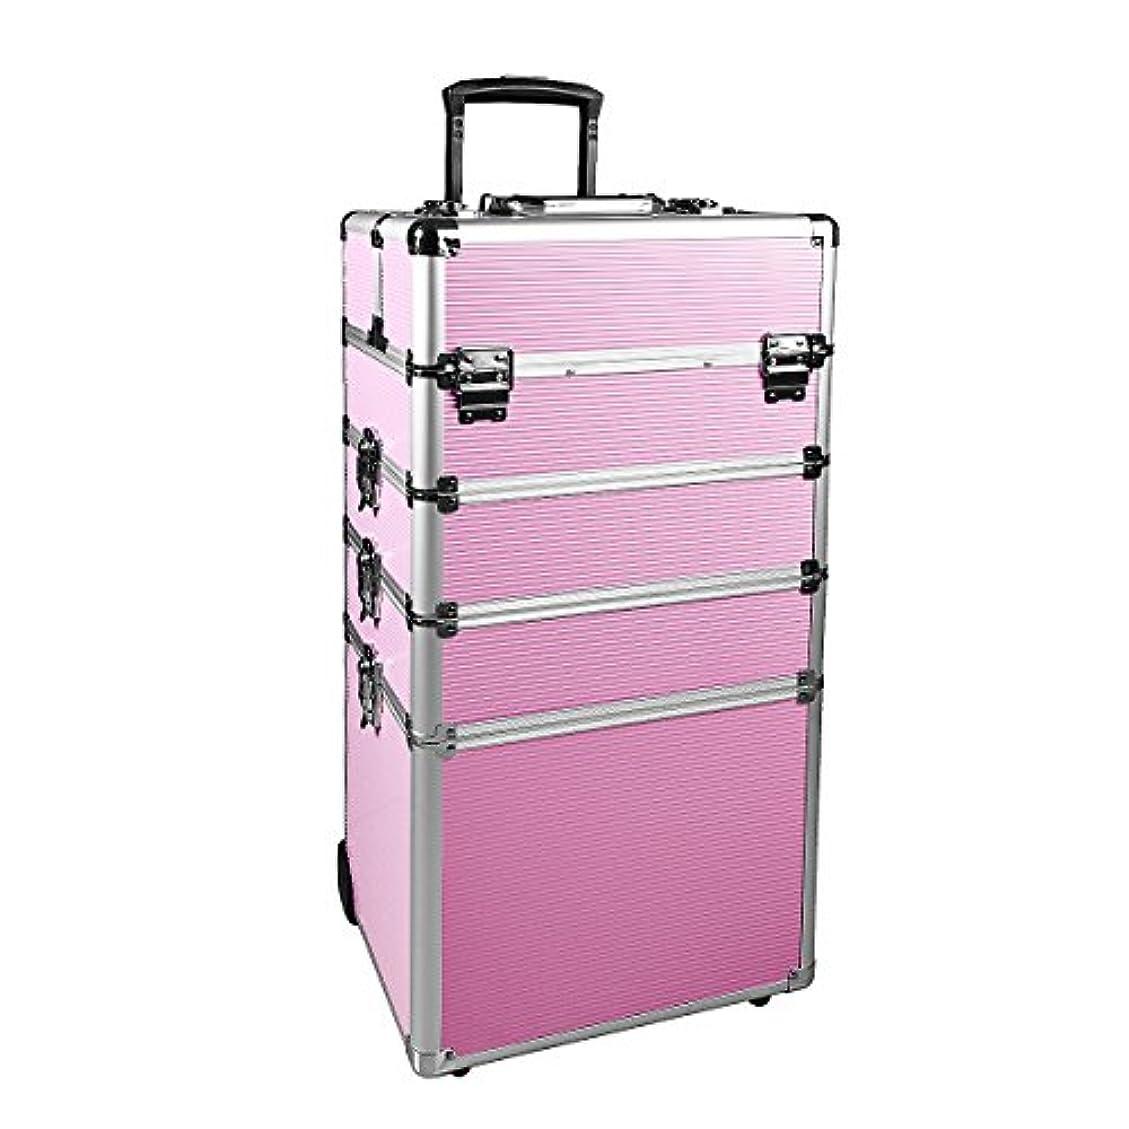 嫌がる志す構築するNHSM 1つ プロ 化粧品ローリング主催 アルミフレームと折りたたみトレイで化粧列車 ケース4 ピンク